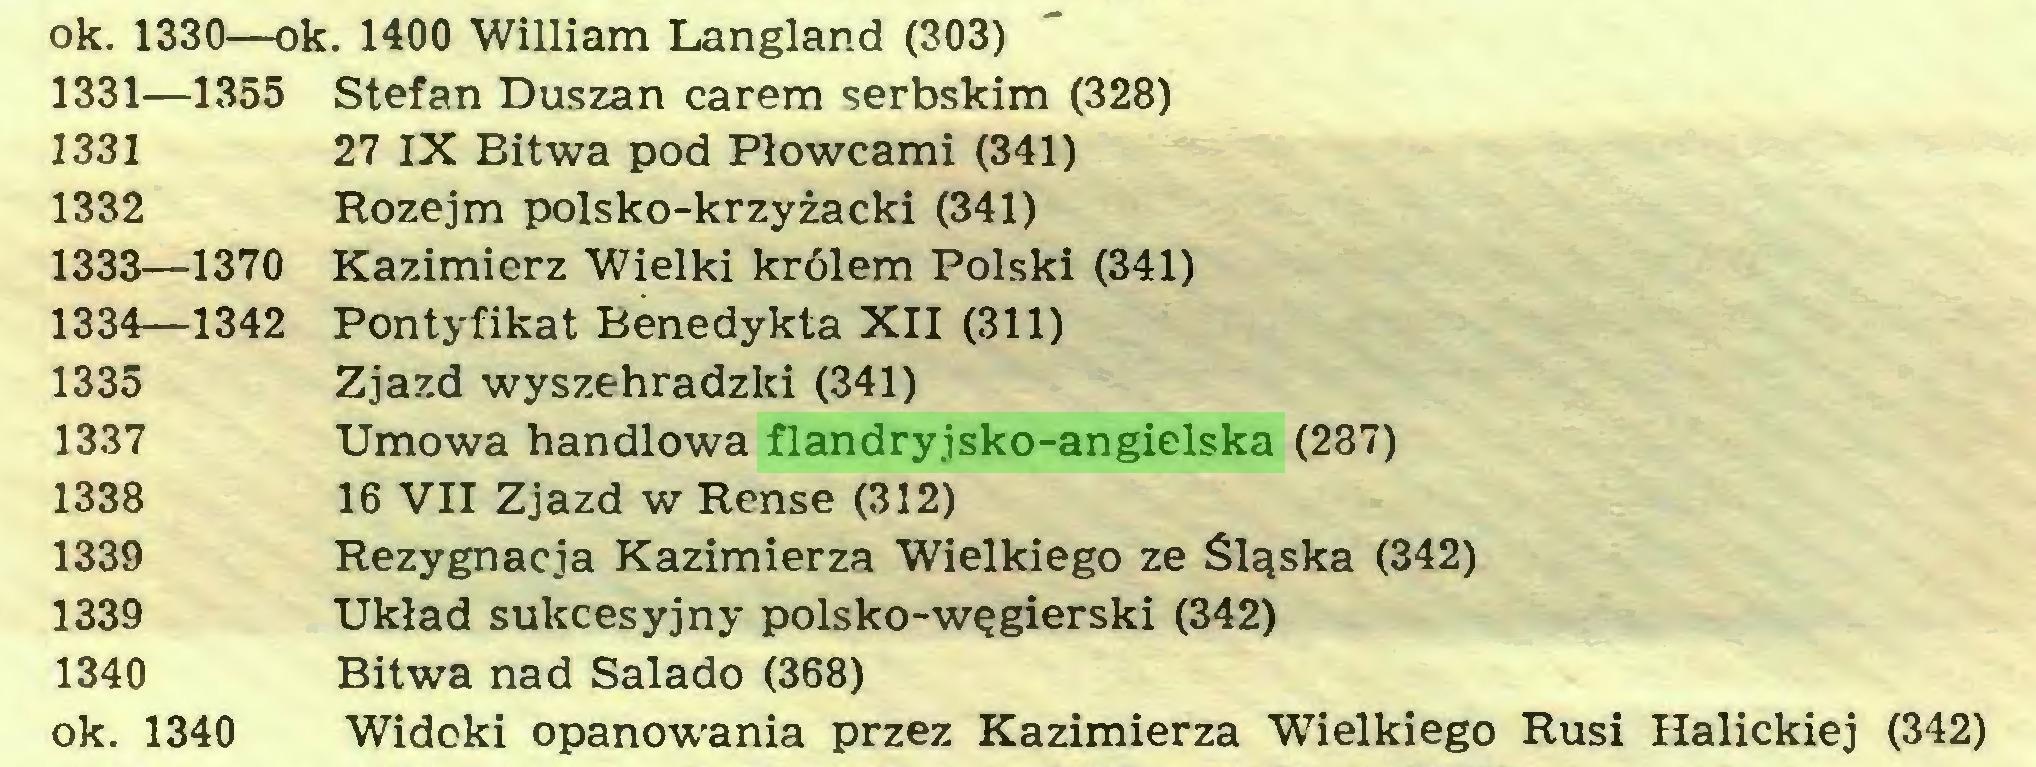 (...) ok. 1330—ok. 1400 William Langland (303) 1331— 1355 Stefan Duszan carem serbskim (328) 1331 27 IX Bitwa pod Płowcami (341) 1332 Rozejm polsko-krzyżacki (341) 1333— 1370 Kazimierz Wielki królem Polski (341) 1334— 1342 Pontyfikat Benedykta XII (311) 1335 Zjazd wyszehradzki (341) 1337 Umowa handlowa flandryjsko-angielska (287) 1338 16 VII Zjazd w Rense (312) 1339 Rezygnacja Kazimierza Wielkiego ze Śląska (342) 1339 Układ sukcesyjny polsko-węgierski (342) 1340 Bitwa nad Salado (368) ok. 1340 Widoki opanowania przez Kazimierza Wielkiego Rusi Halickiej (342)...